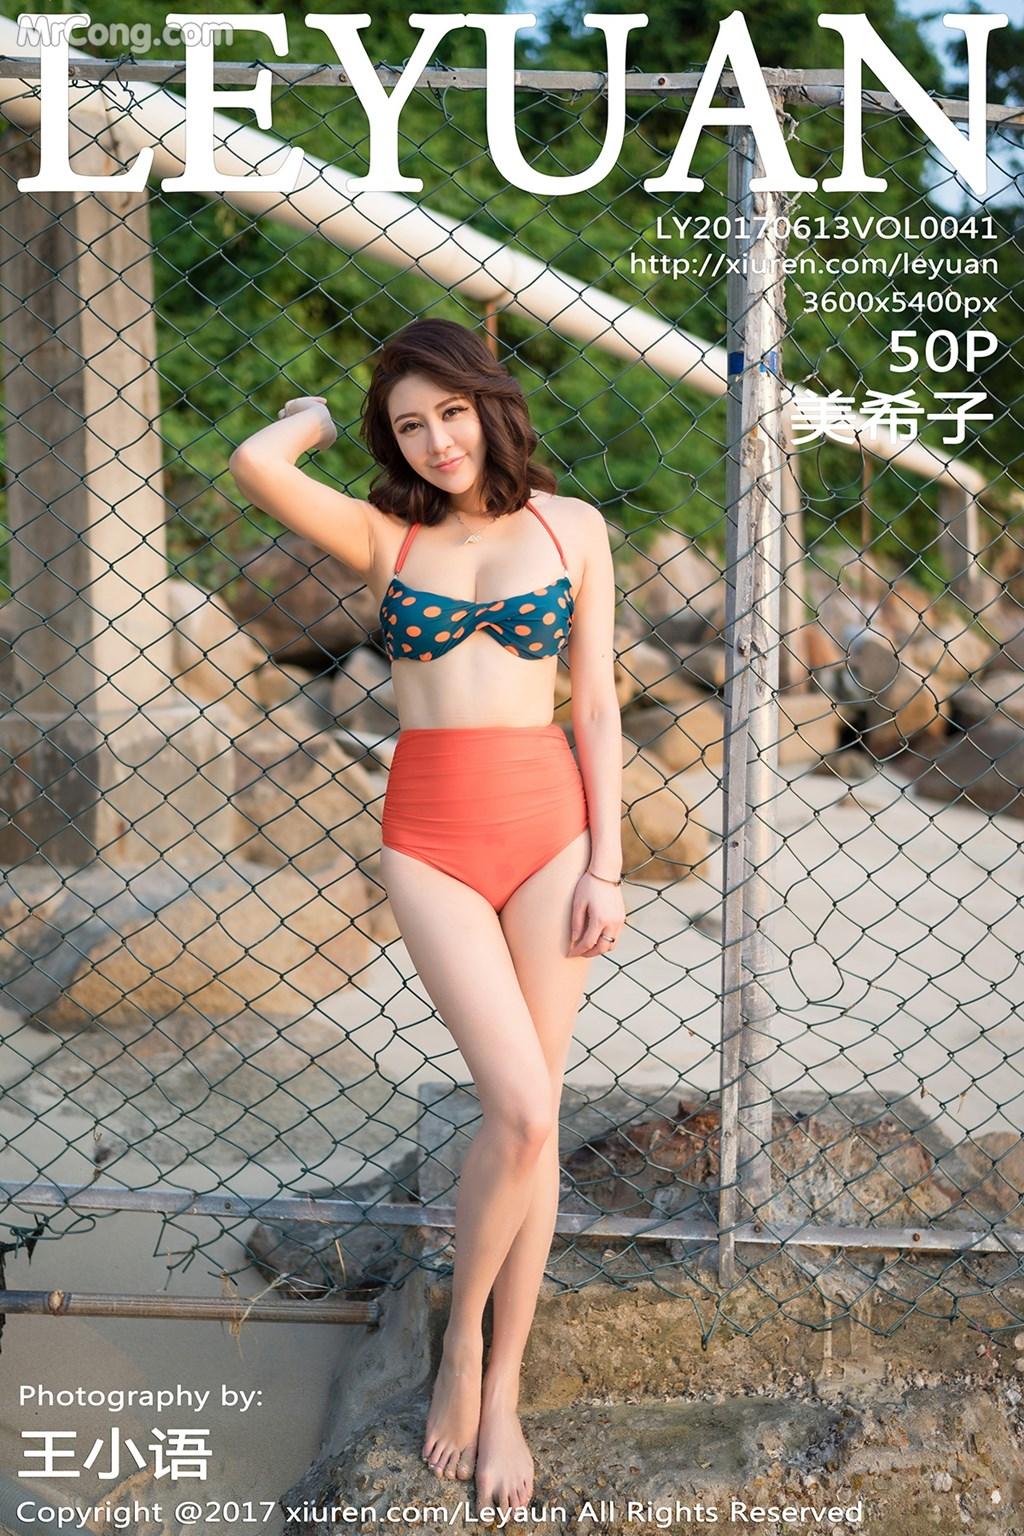 LeYuan Vol.041: Người mẫu Mei Xi Zi (美希子) (51 ảnh)